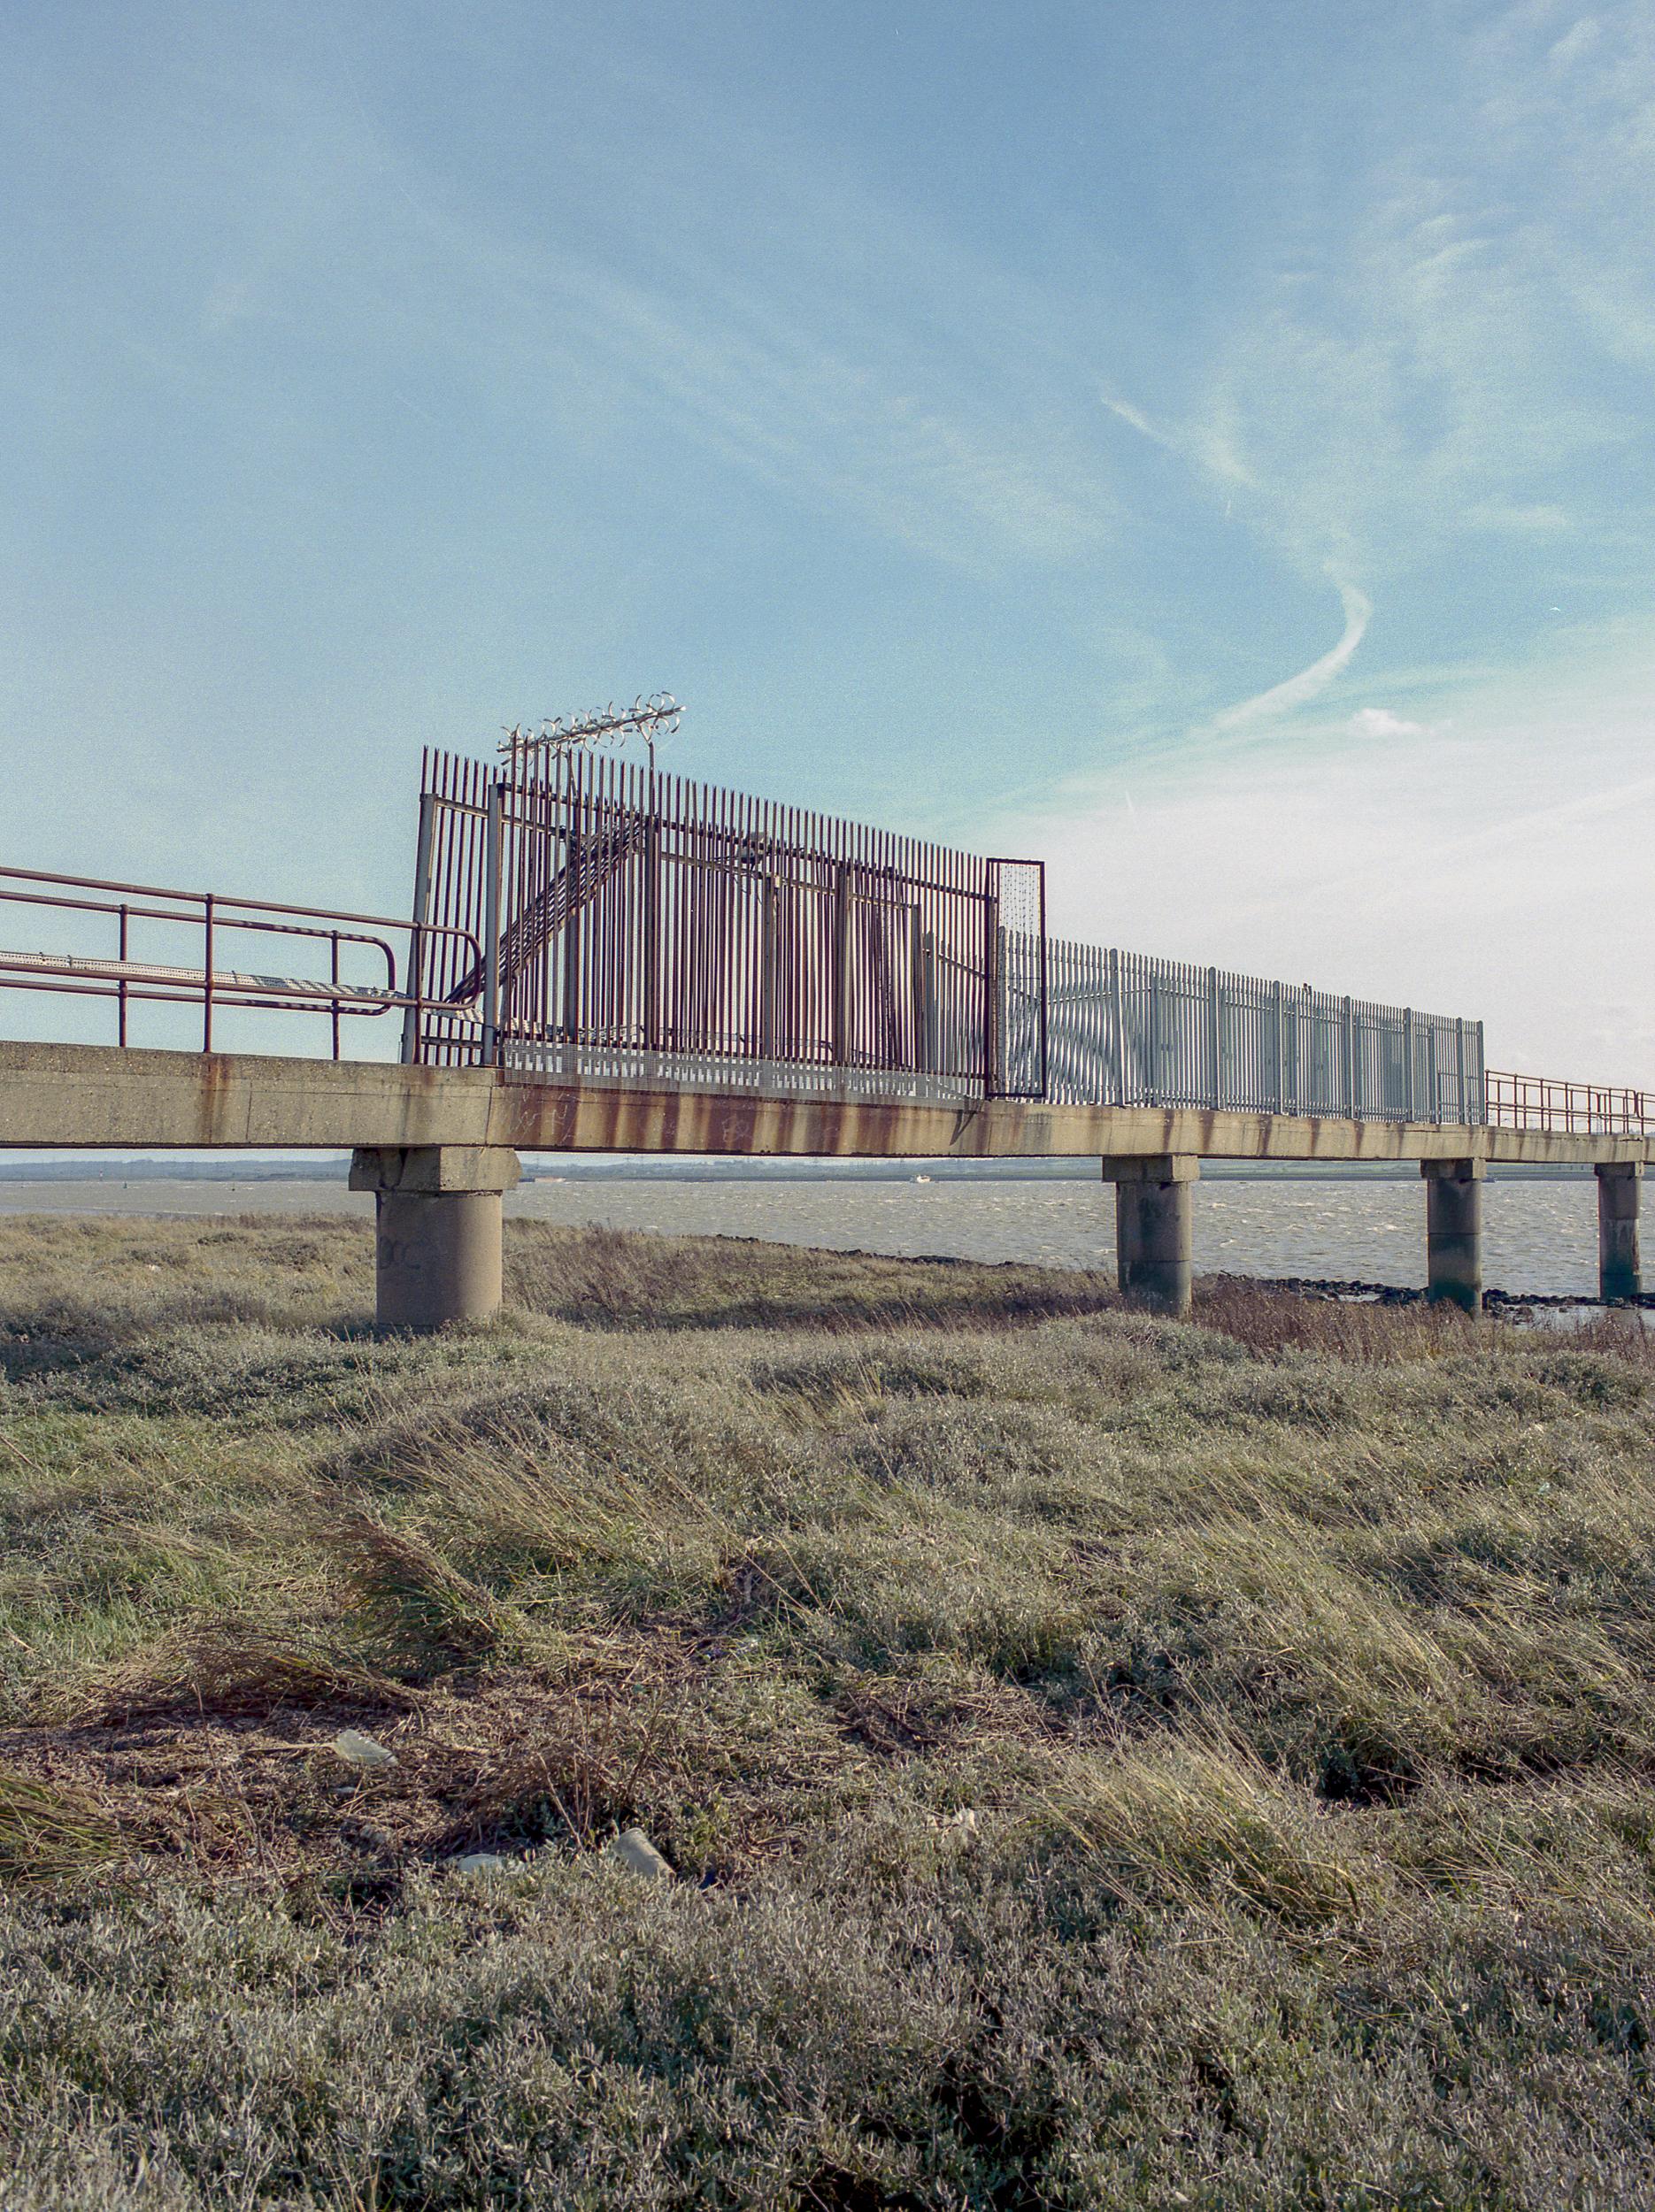 fences march 2019-8.JPG